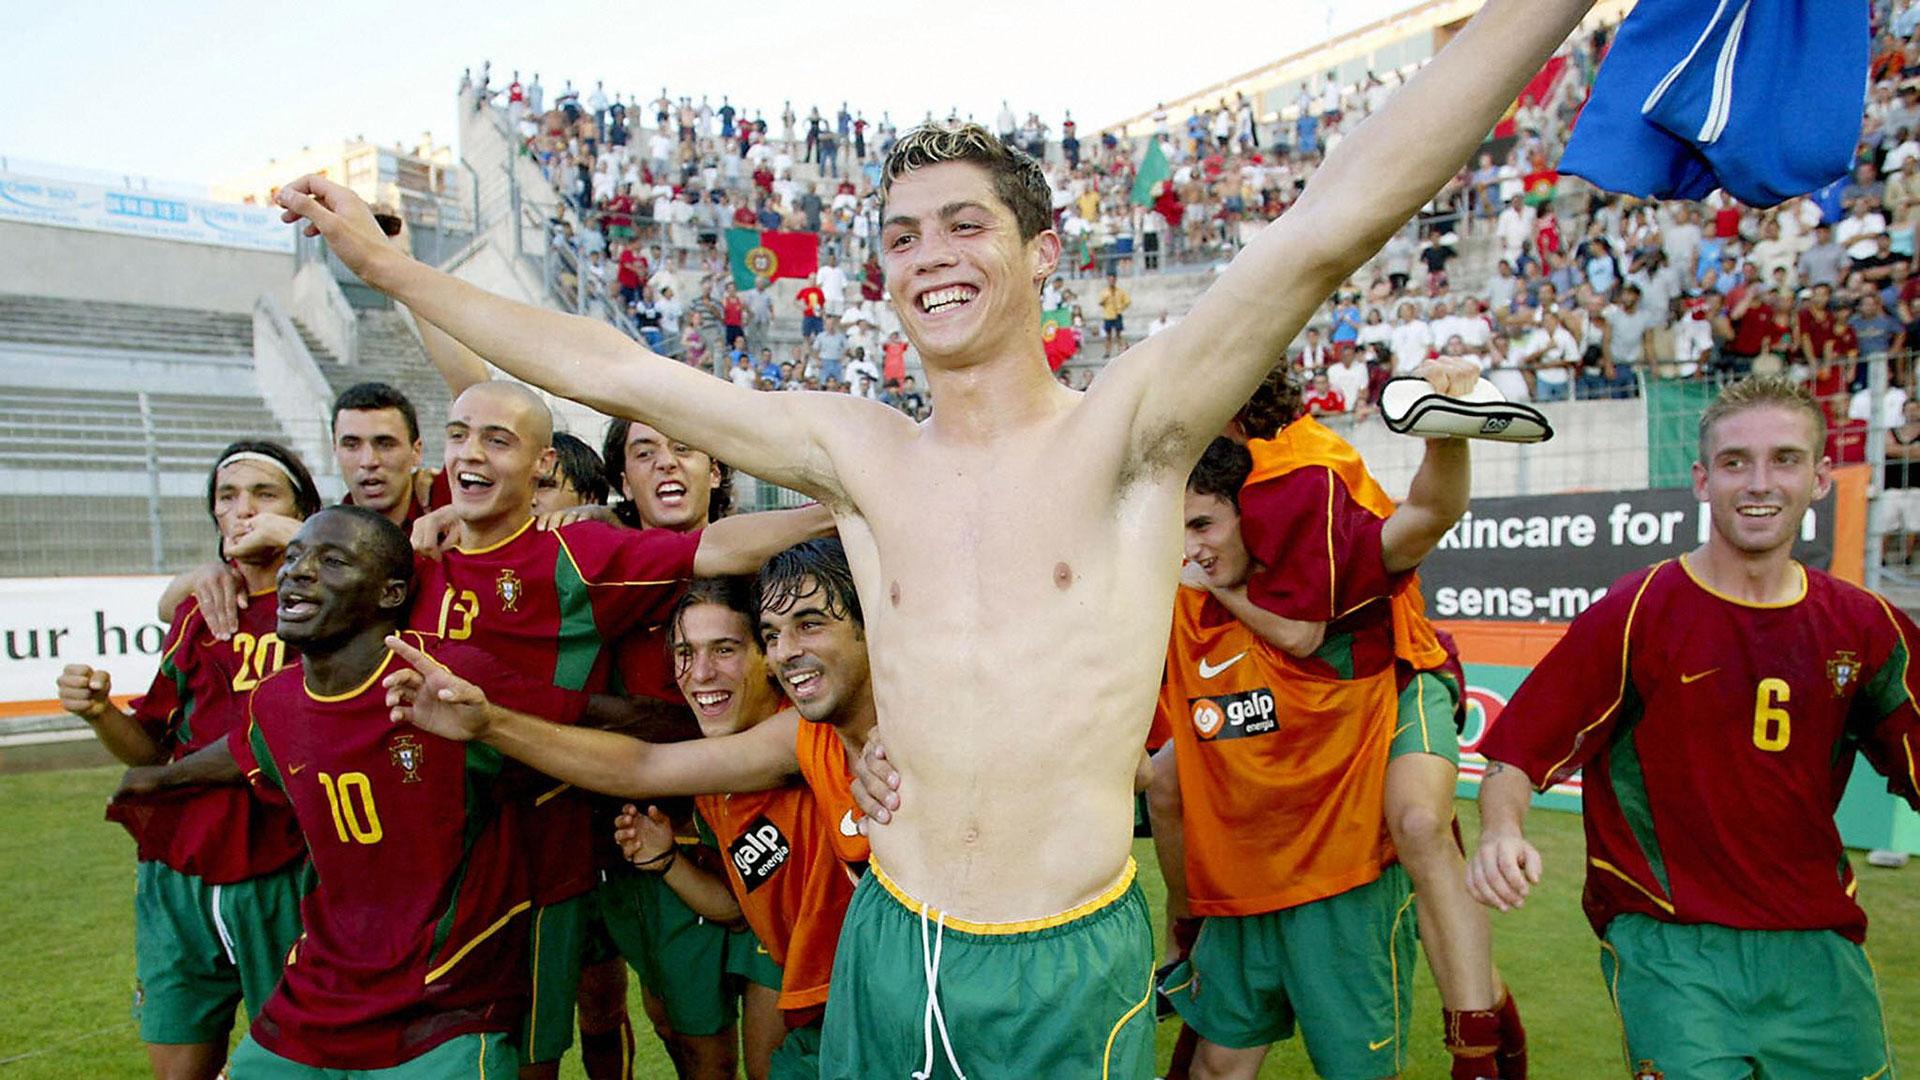 il y a 15 ans  cristiano ronaldo d u00e9butait avec le portugal